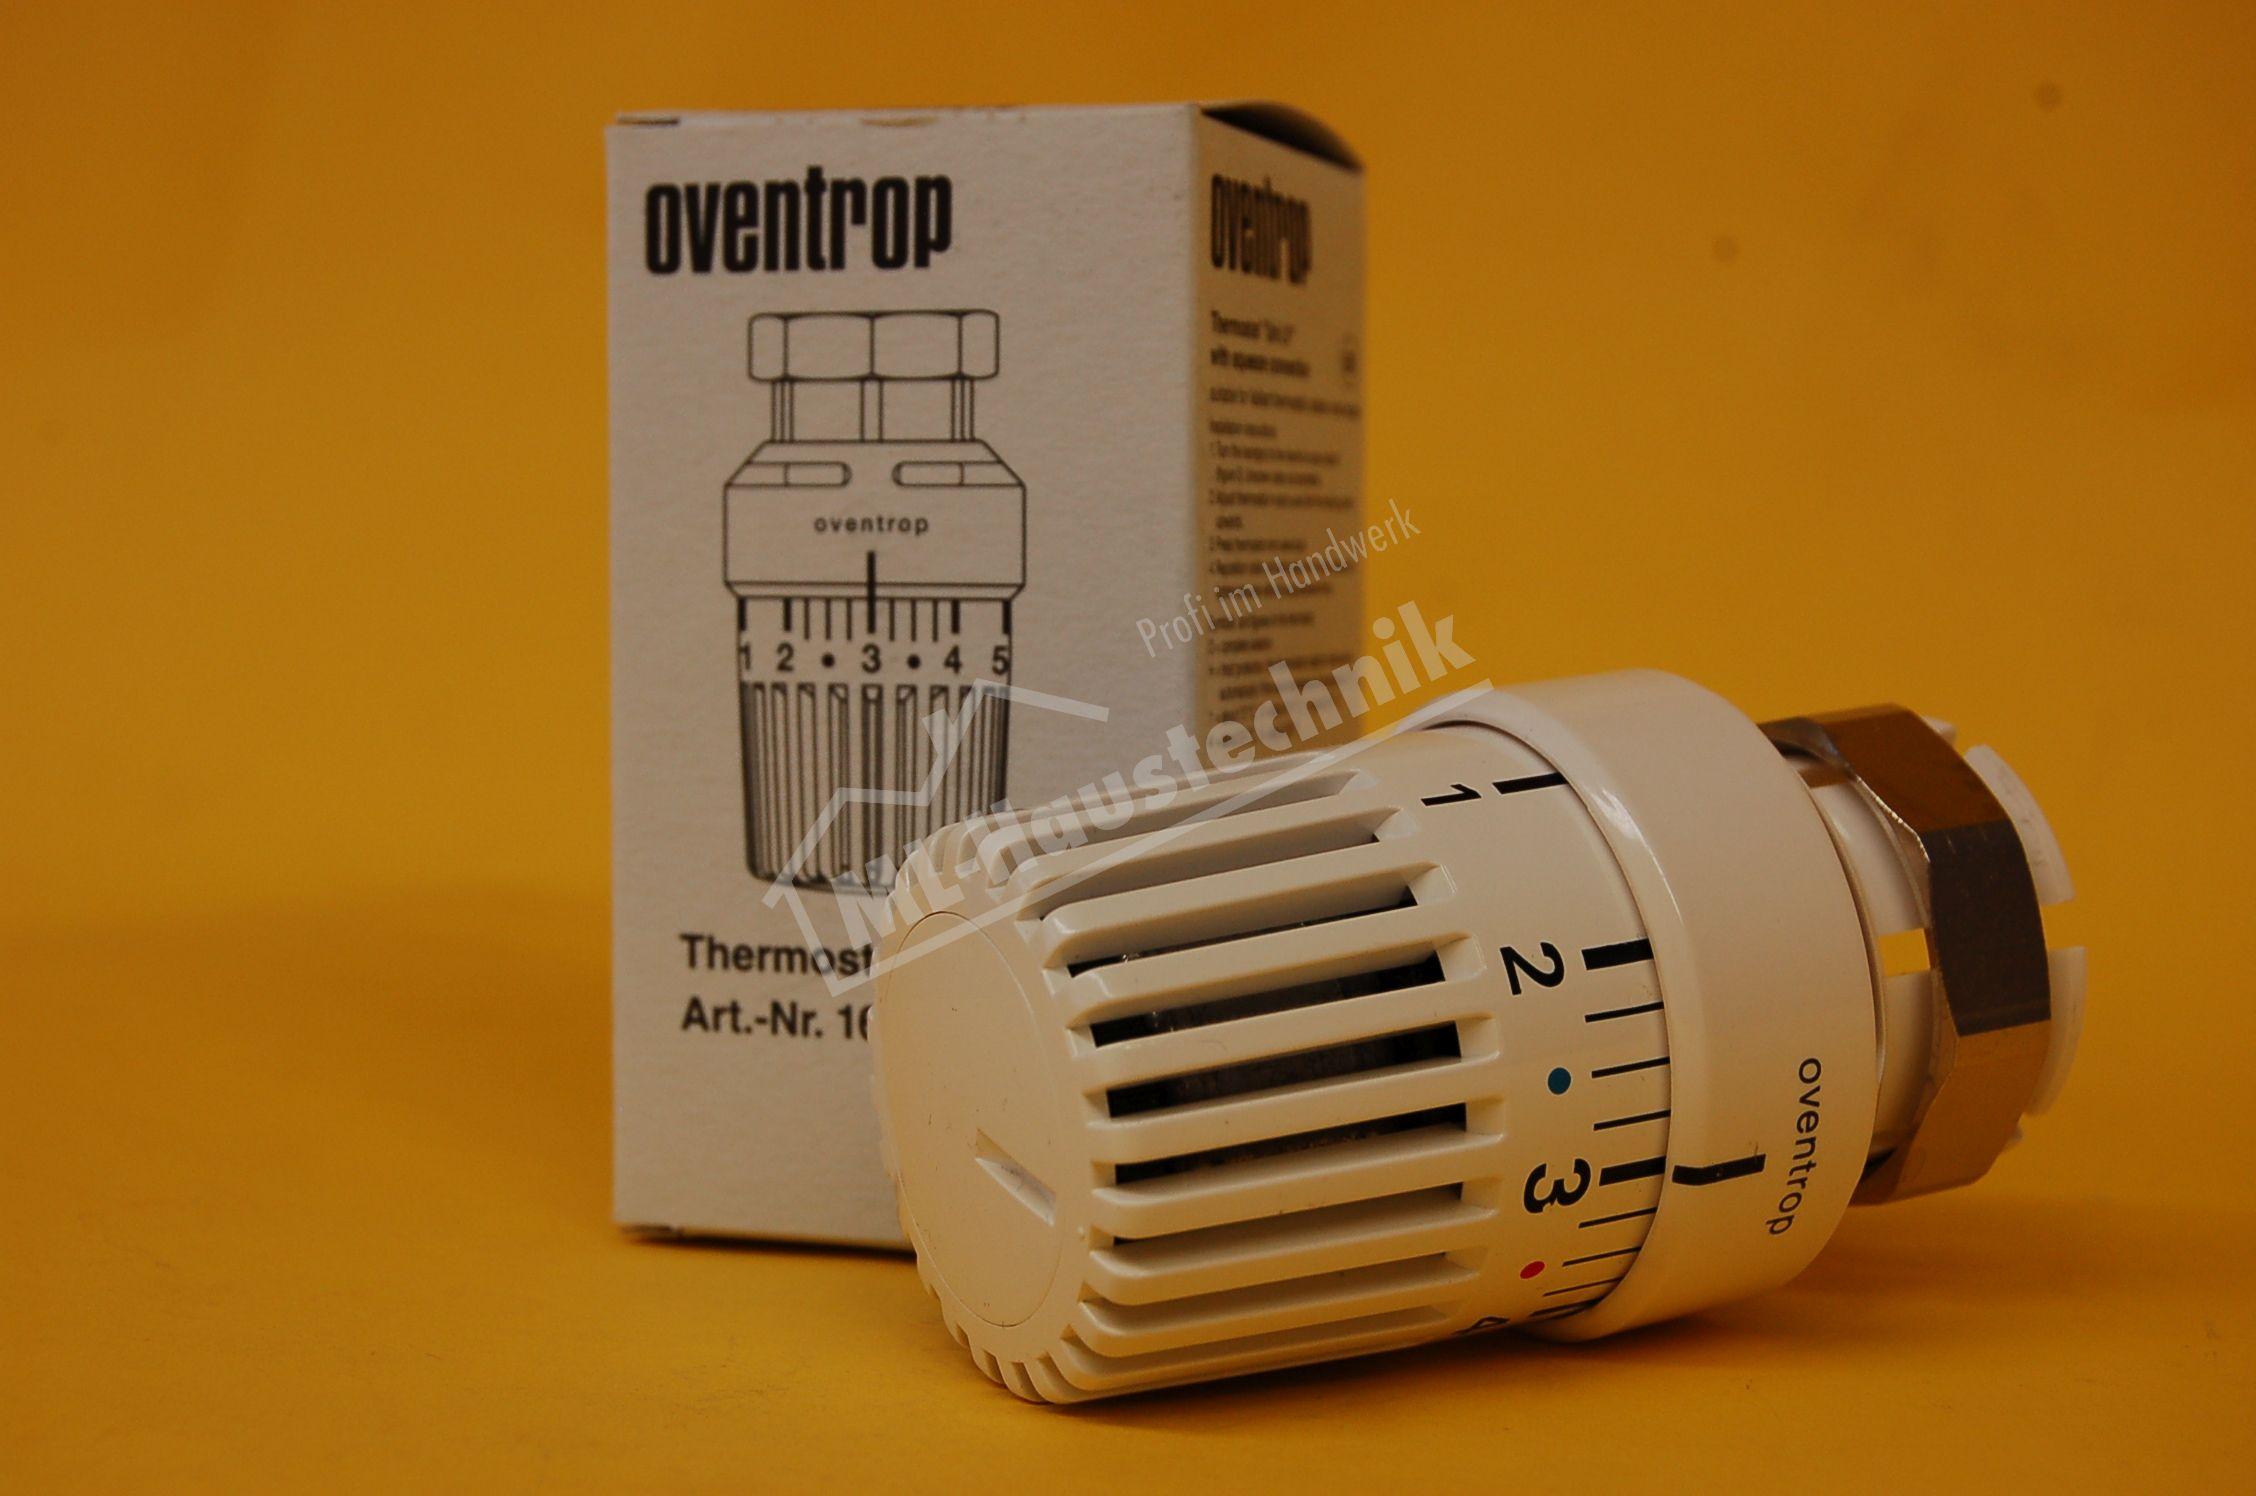 1616001 Oventrop Thermostat Uni LV weiss mit Flüssigfühler Thermostatkopf